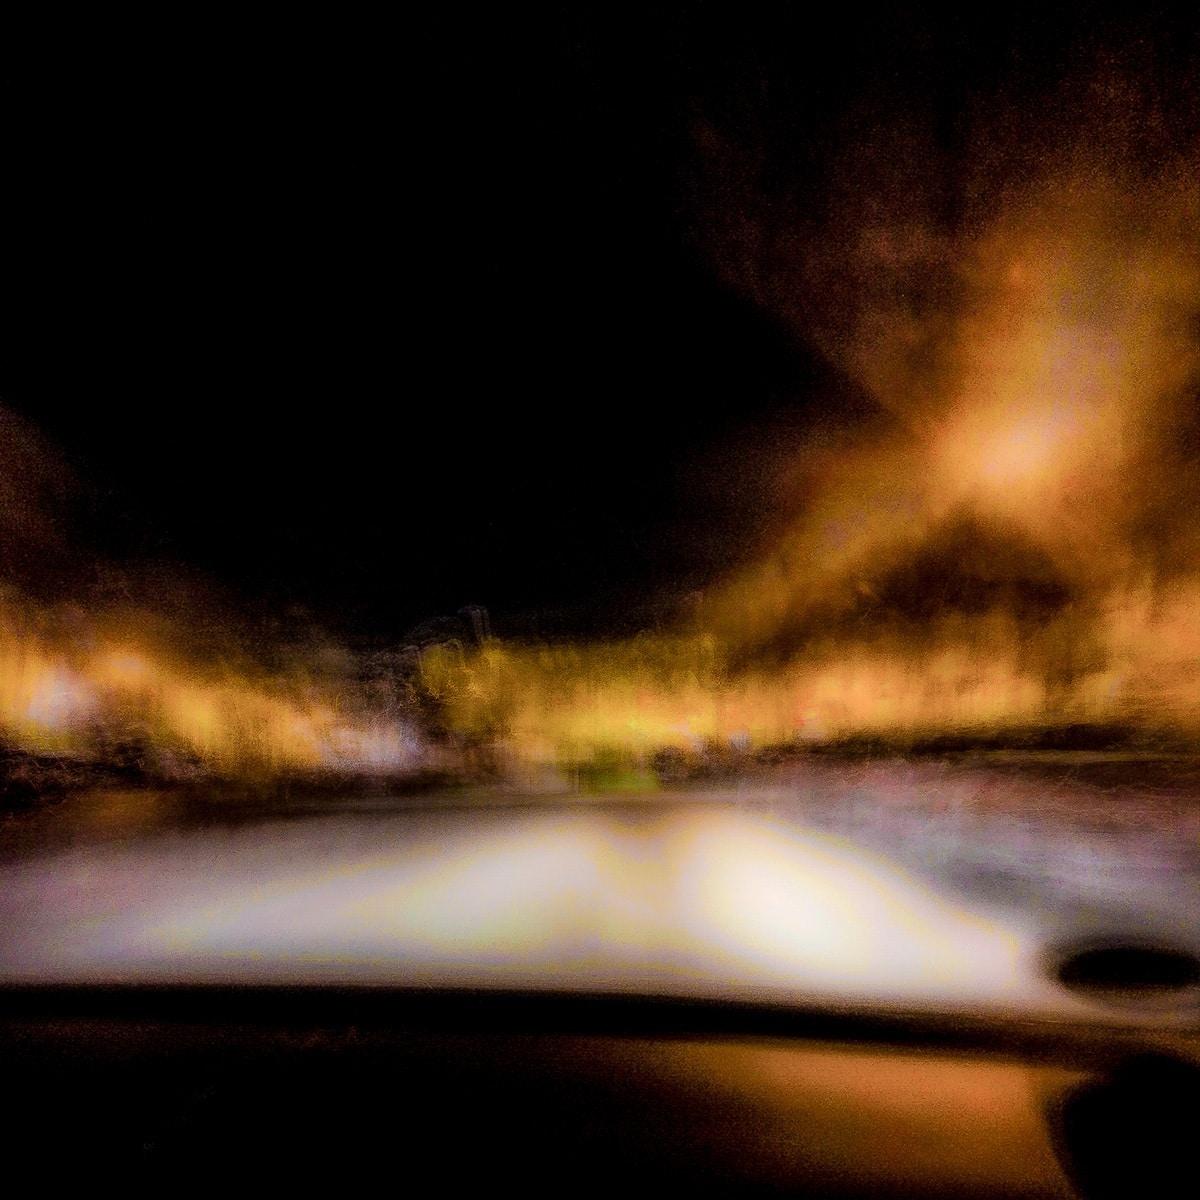 Unterwegs... (Nacht) // 18 x18, Fineart Print auf Photorag, 2018